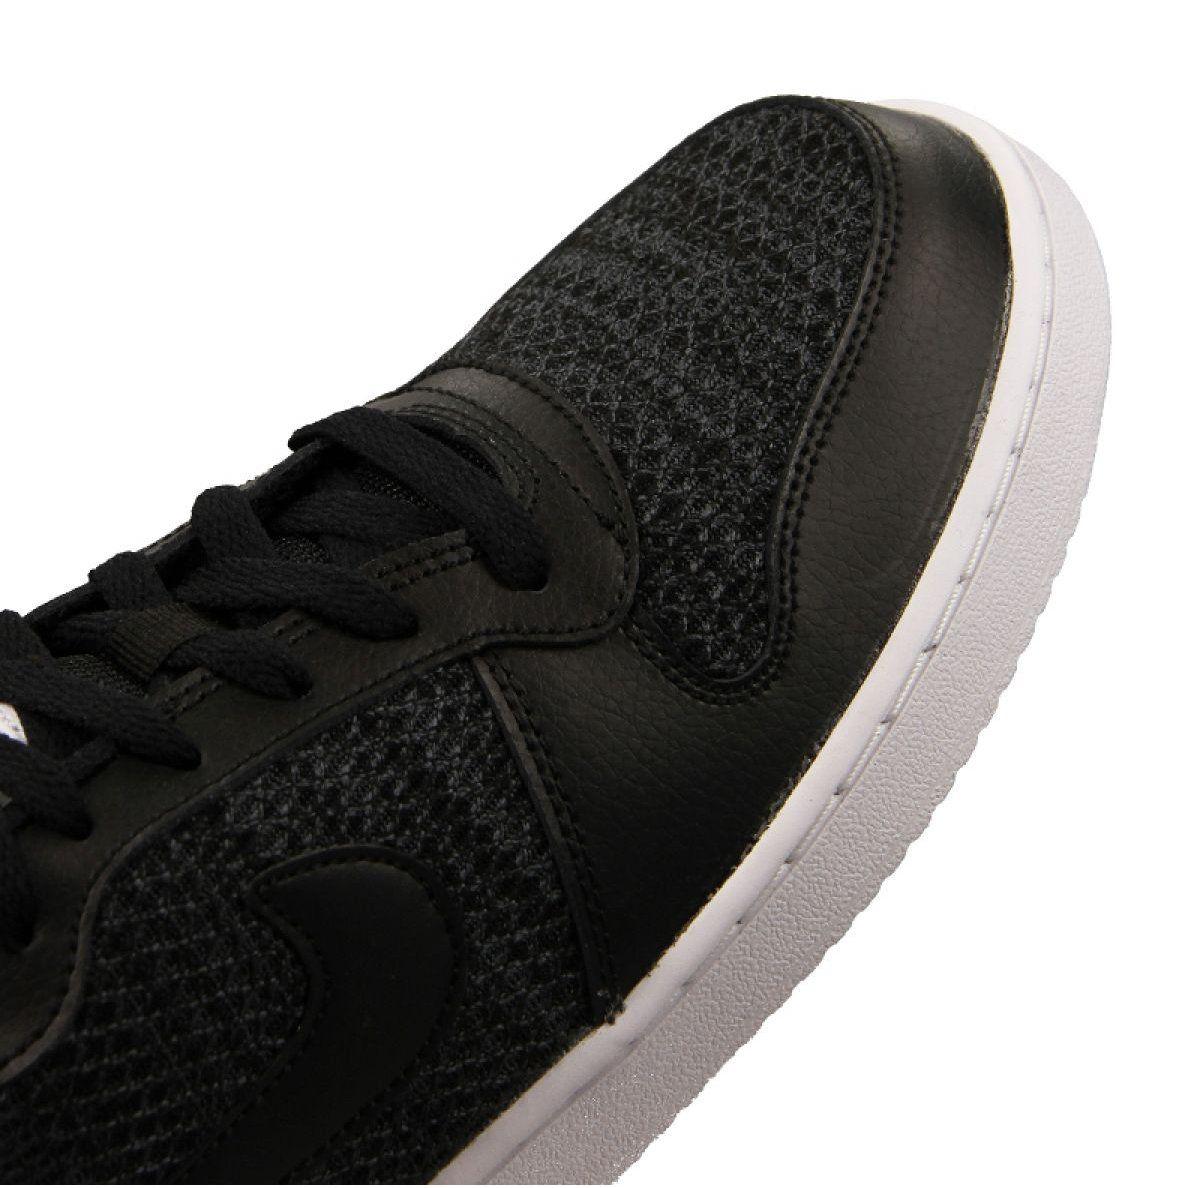 Sports Men S Nike Nike Ebernon Low Prem M Aq1774 001 Shoes Black Nike Black Shoes Mens Nike Shoes